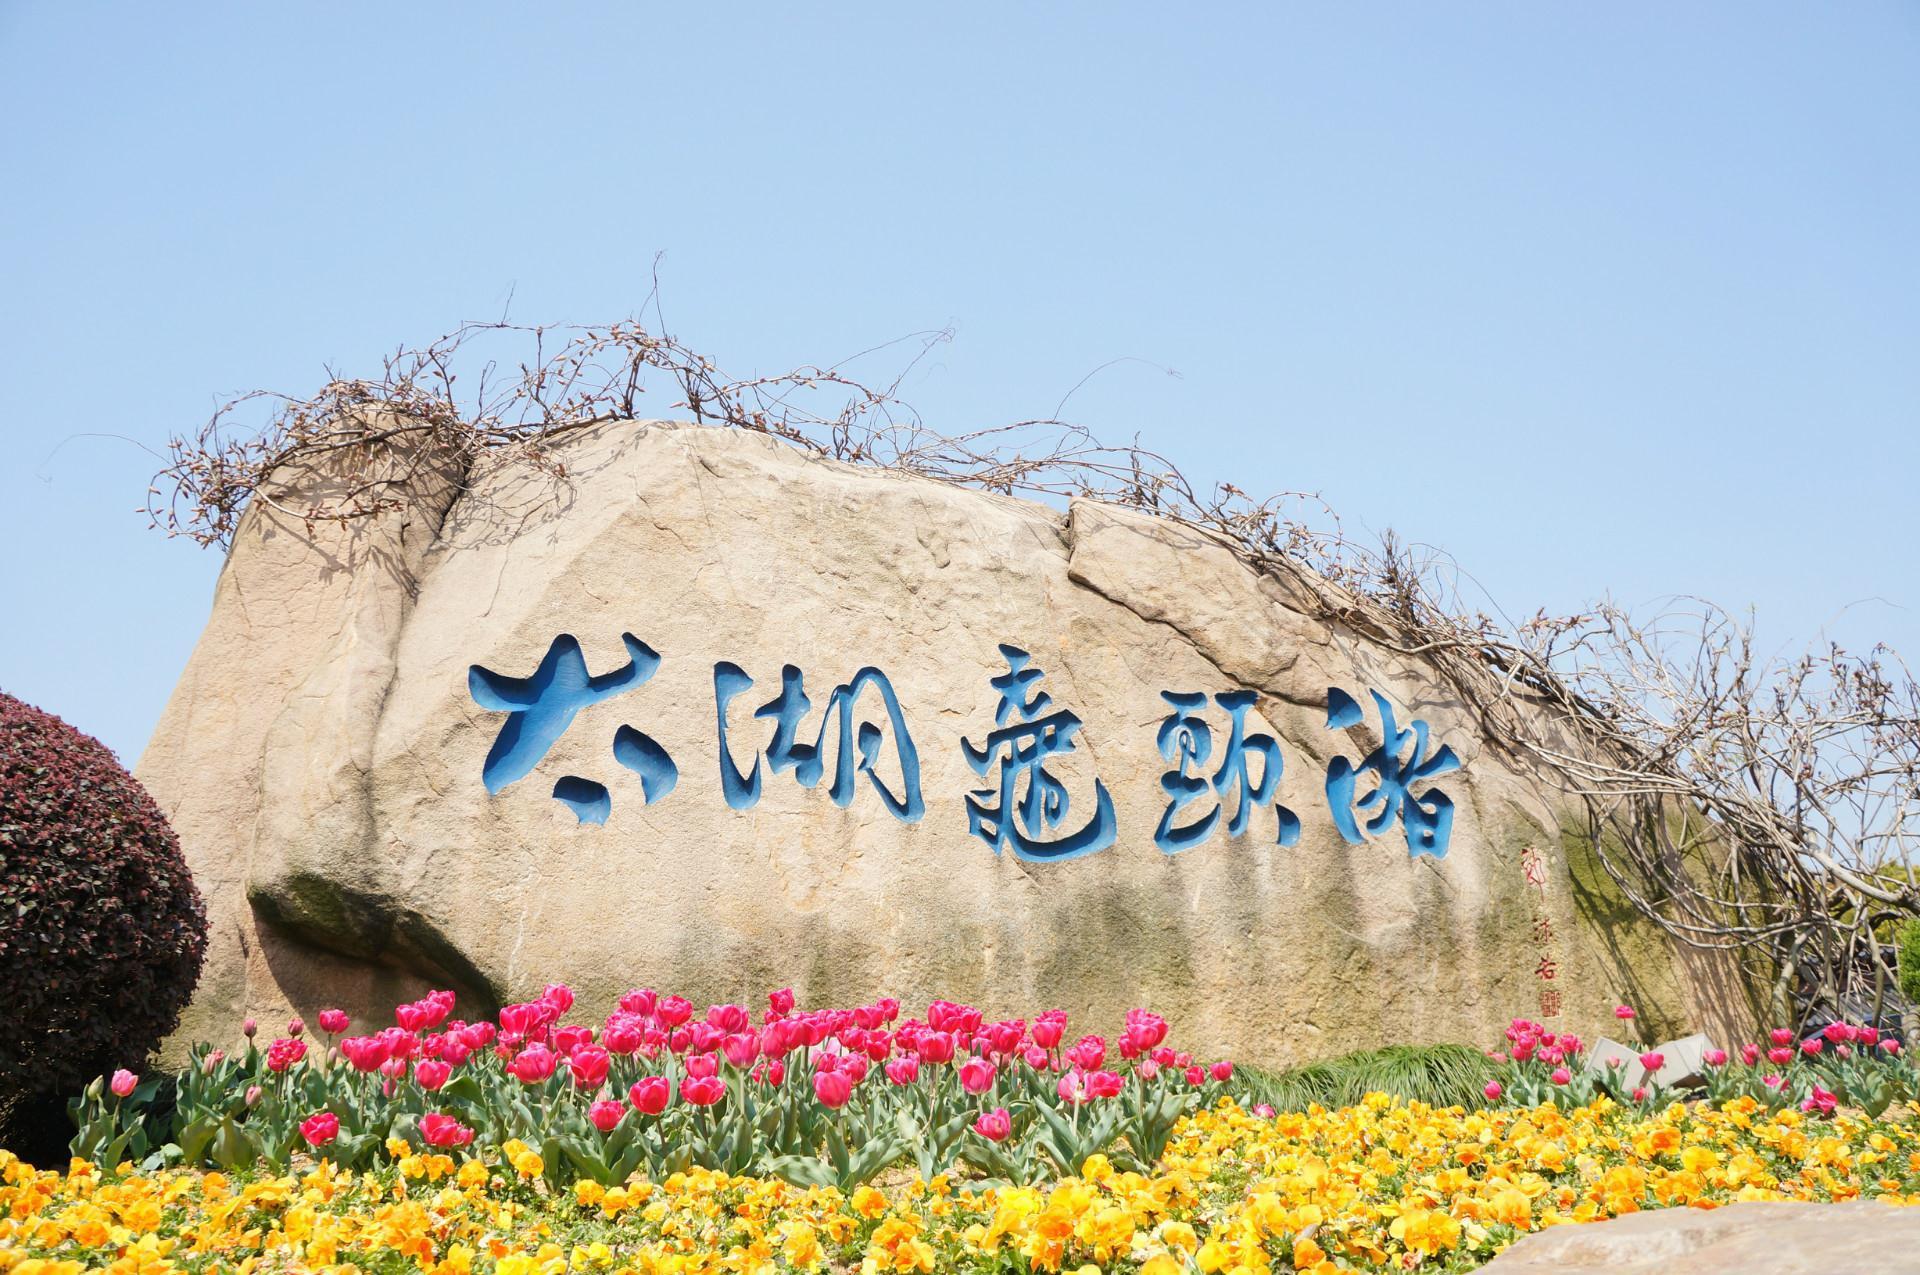 無錫黿頭渚+太湖仙島+三國城+水滸城一日遊(贈櫻花飛行體驗館)